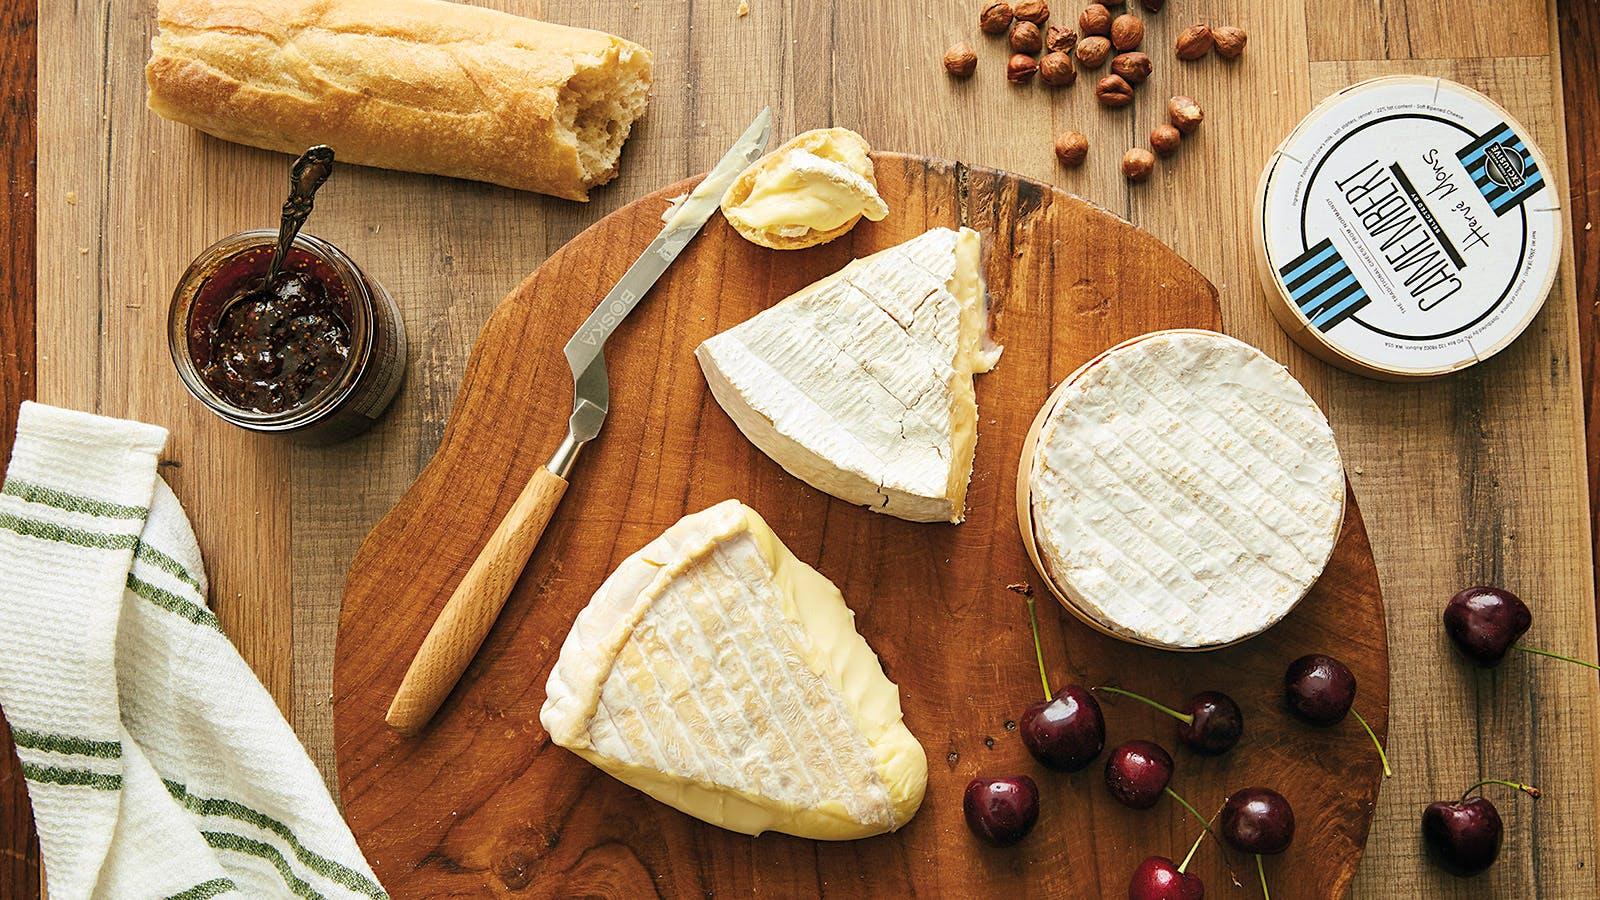 Brie & Camembert: Pride of France